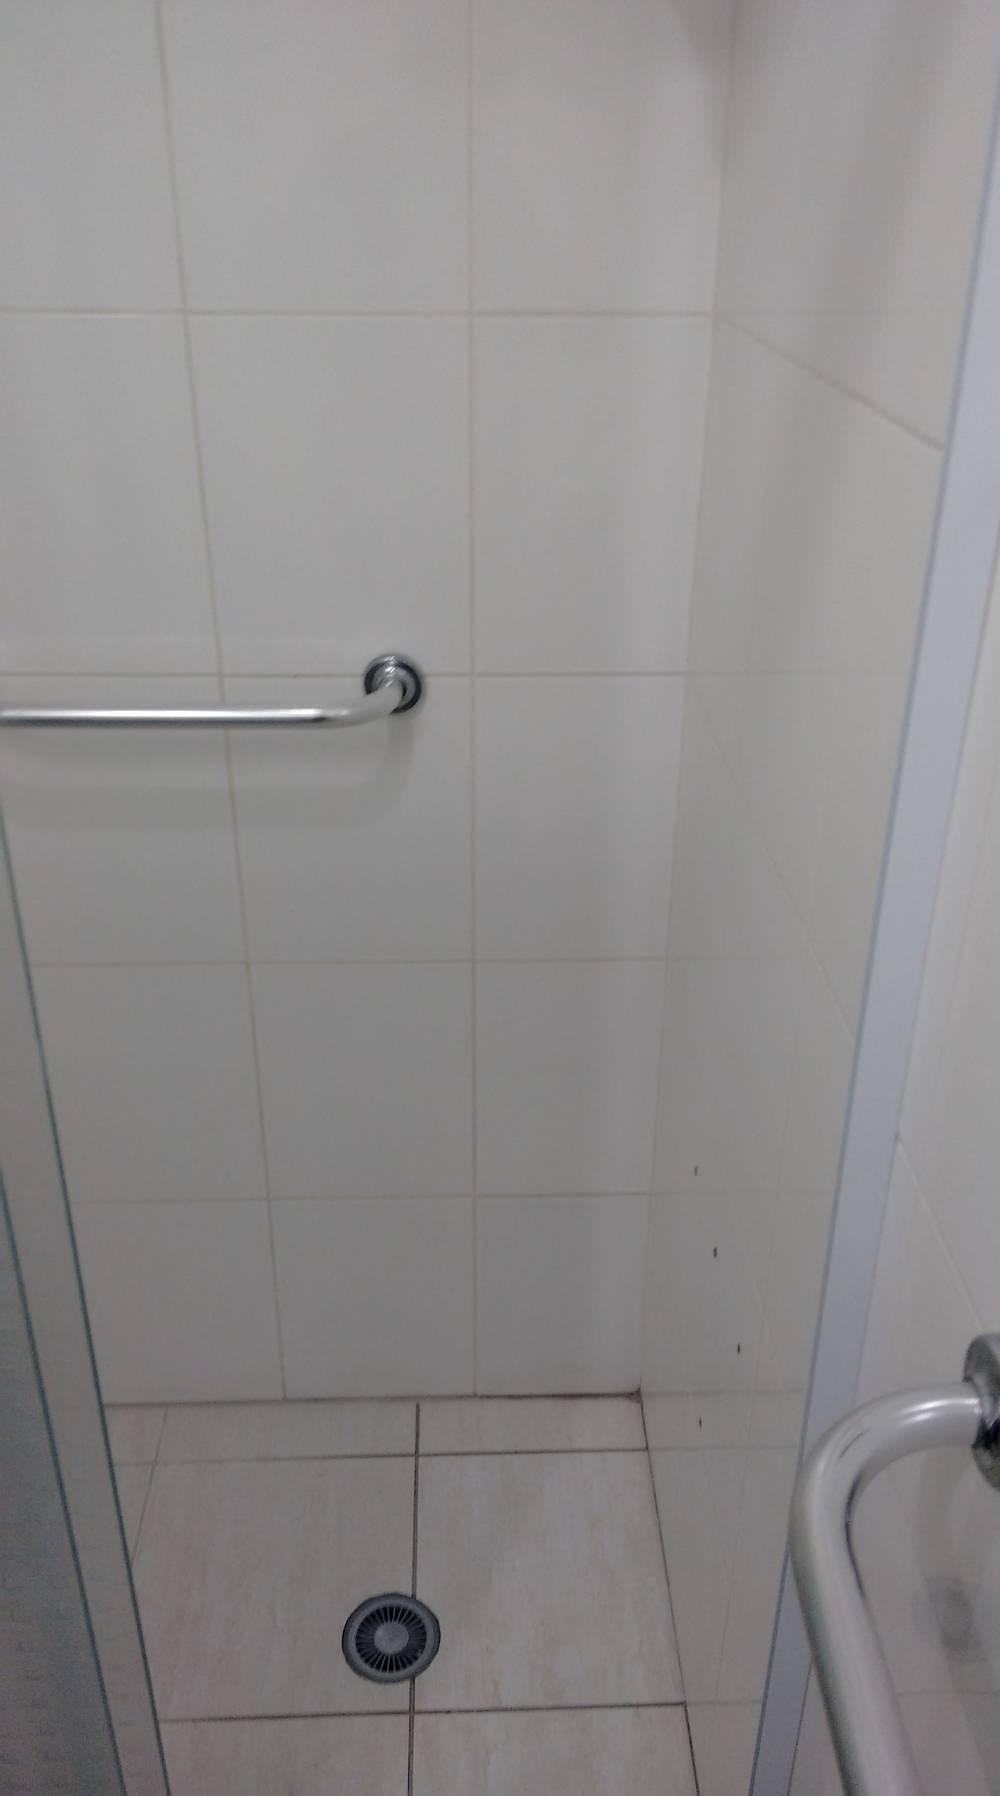 Preciso Reparos Residenciais na Boa Vista - Reparos Residenciais na Zona Norte